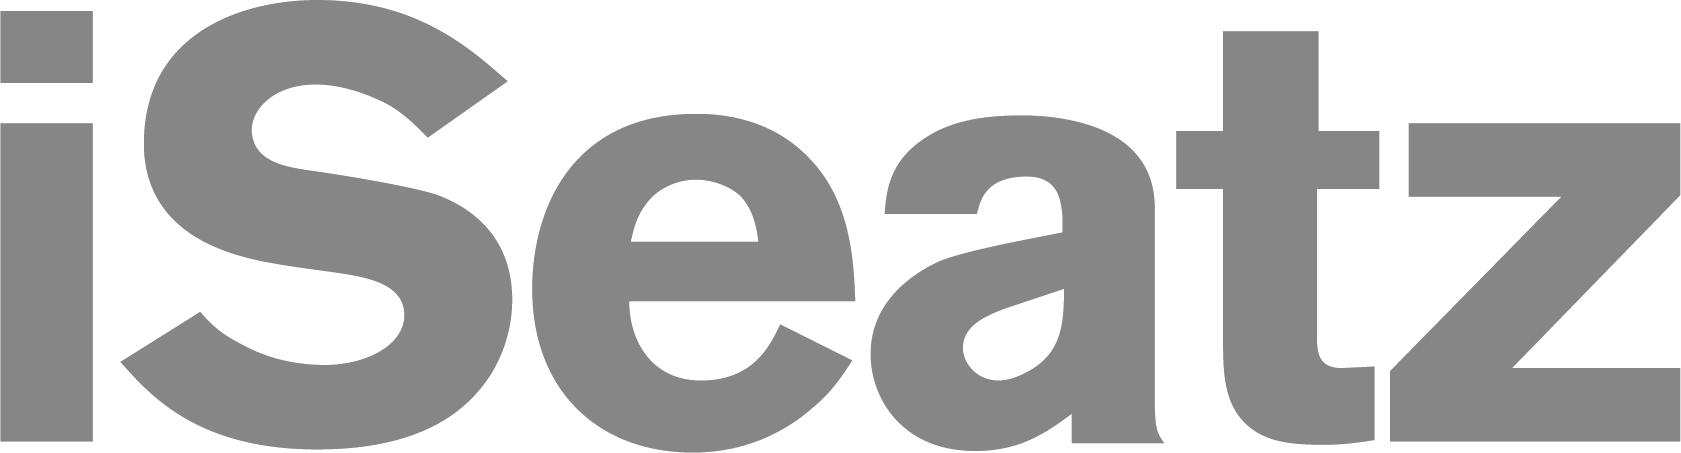 alt='iSeatz'  Title='iSeatz'